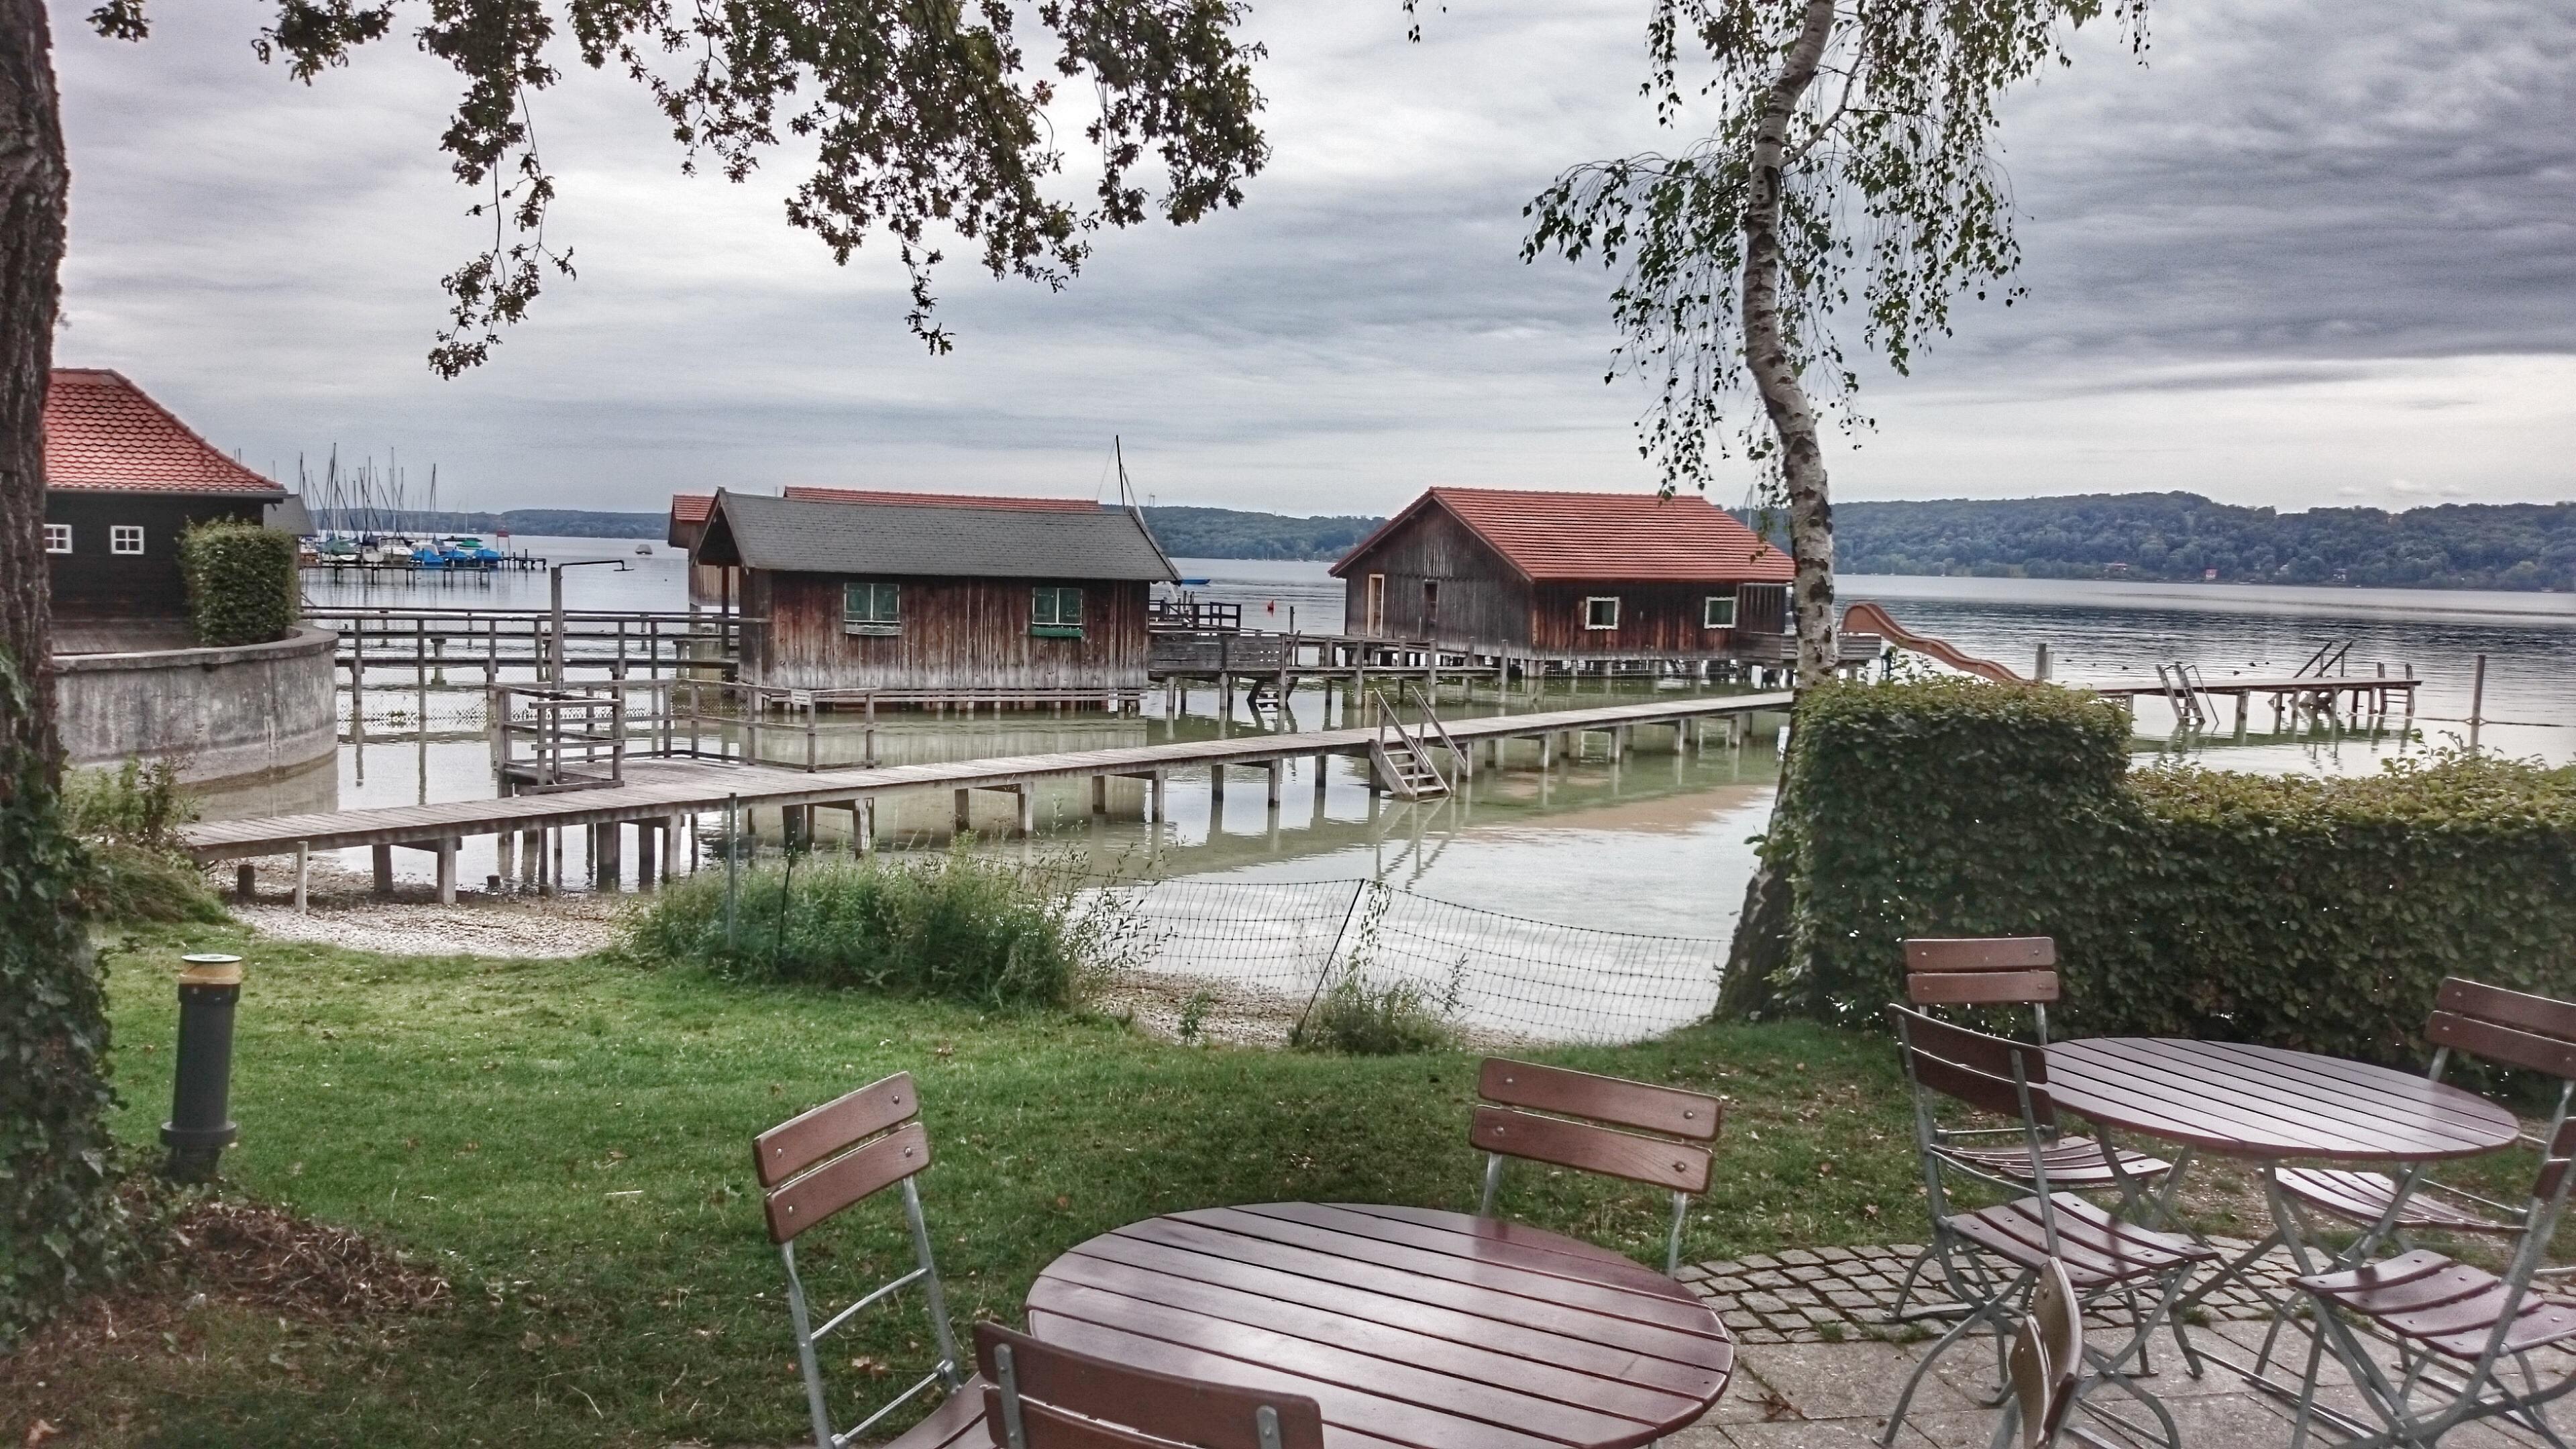 Gut Landschaft Wasser Natur Villa Haus See Gebäude Zuhause Sommer  Reise Hütte  Urlaub Hinterhof Eigentum Erholungsort